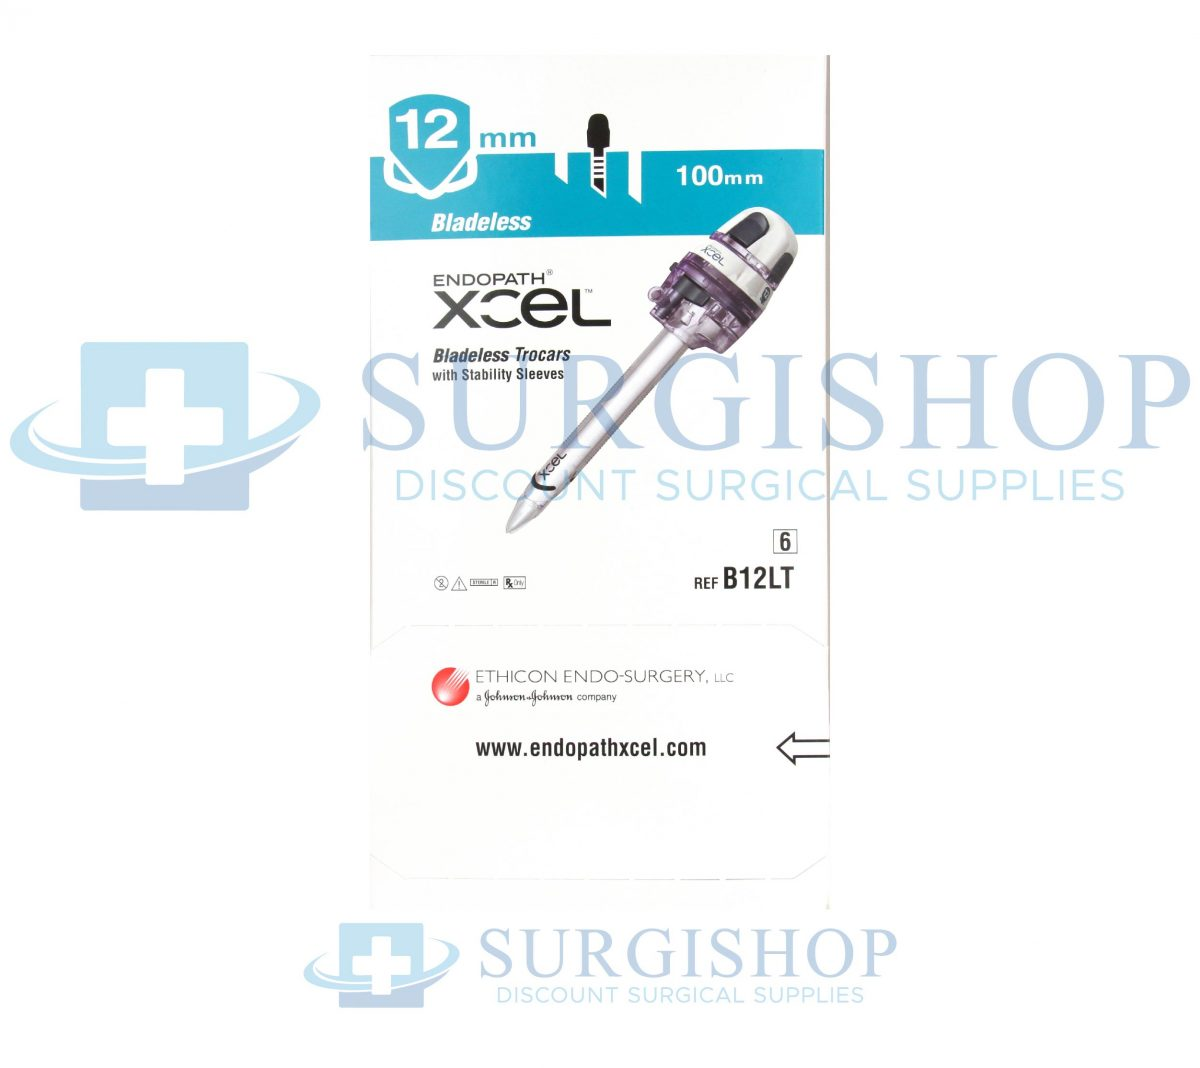 B12LT – Ethicon Endopath Xcel Trocar: Bladeless Trocar w/ Stability Sleeve 12mm – 100mm Box of 6